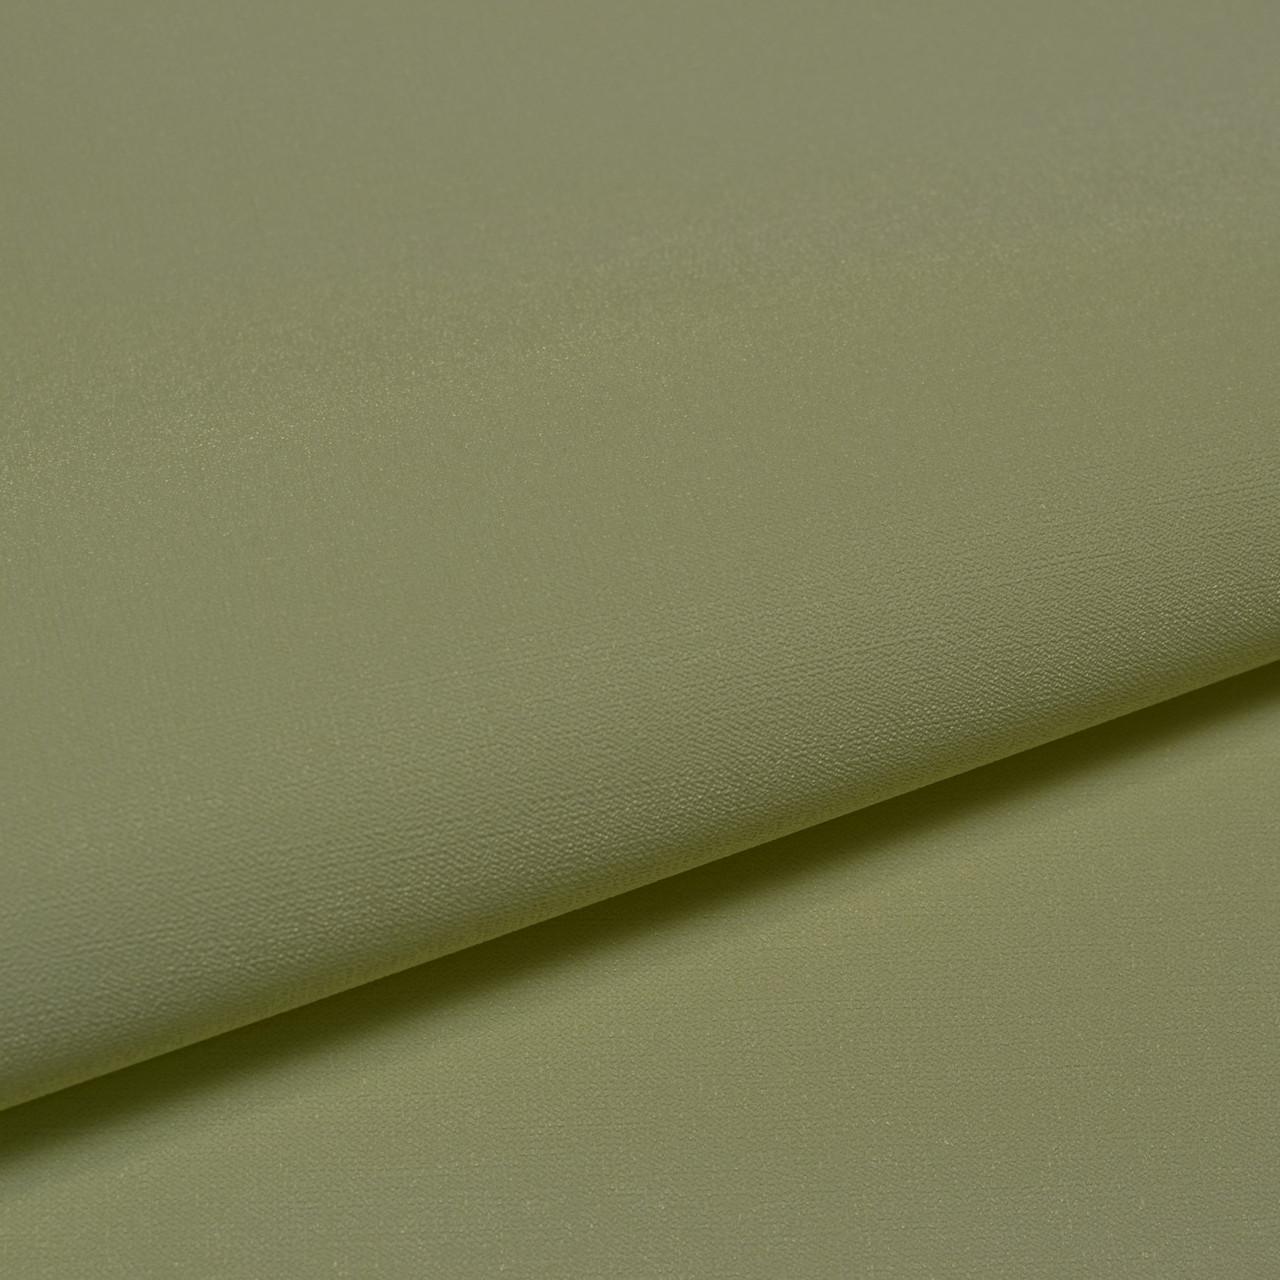 Обои винил на флизелине, горячее тиснение, СШТ Мая 1-1158, 1,06*10м